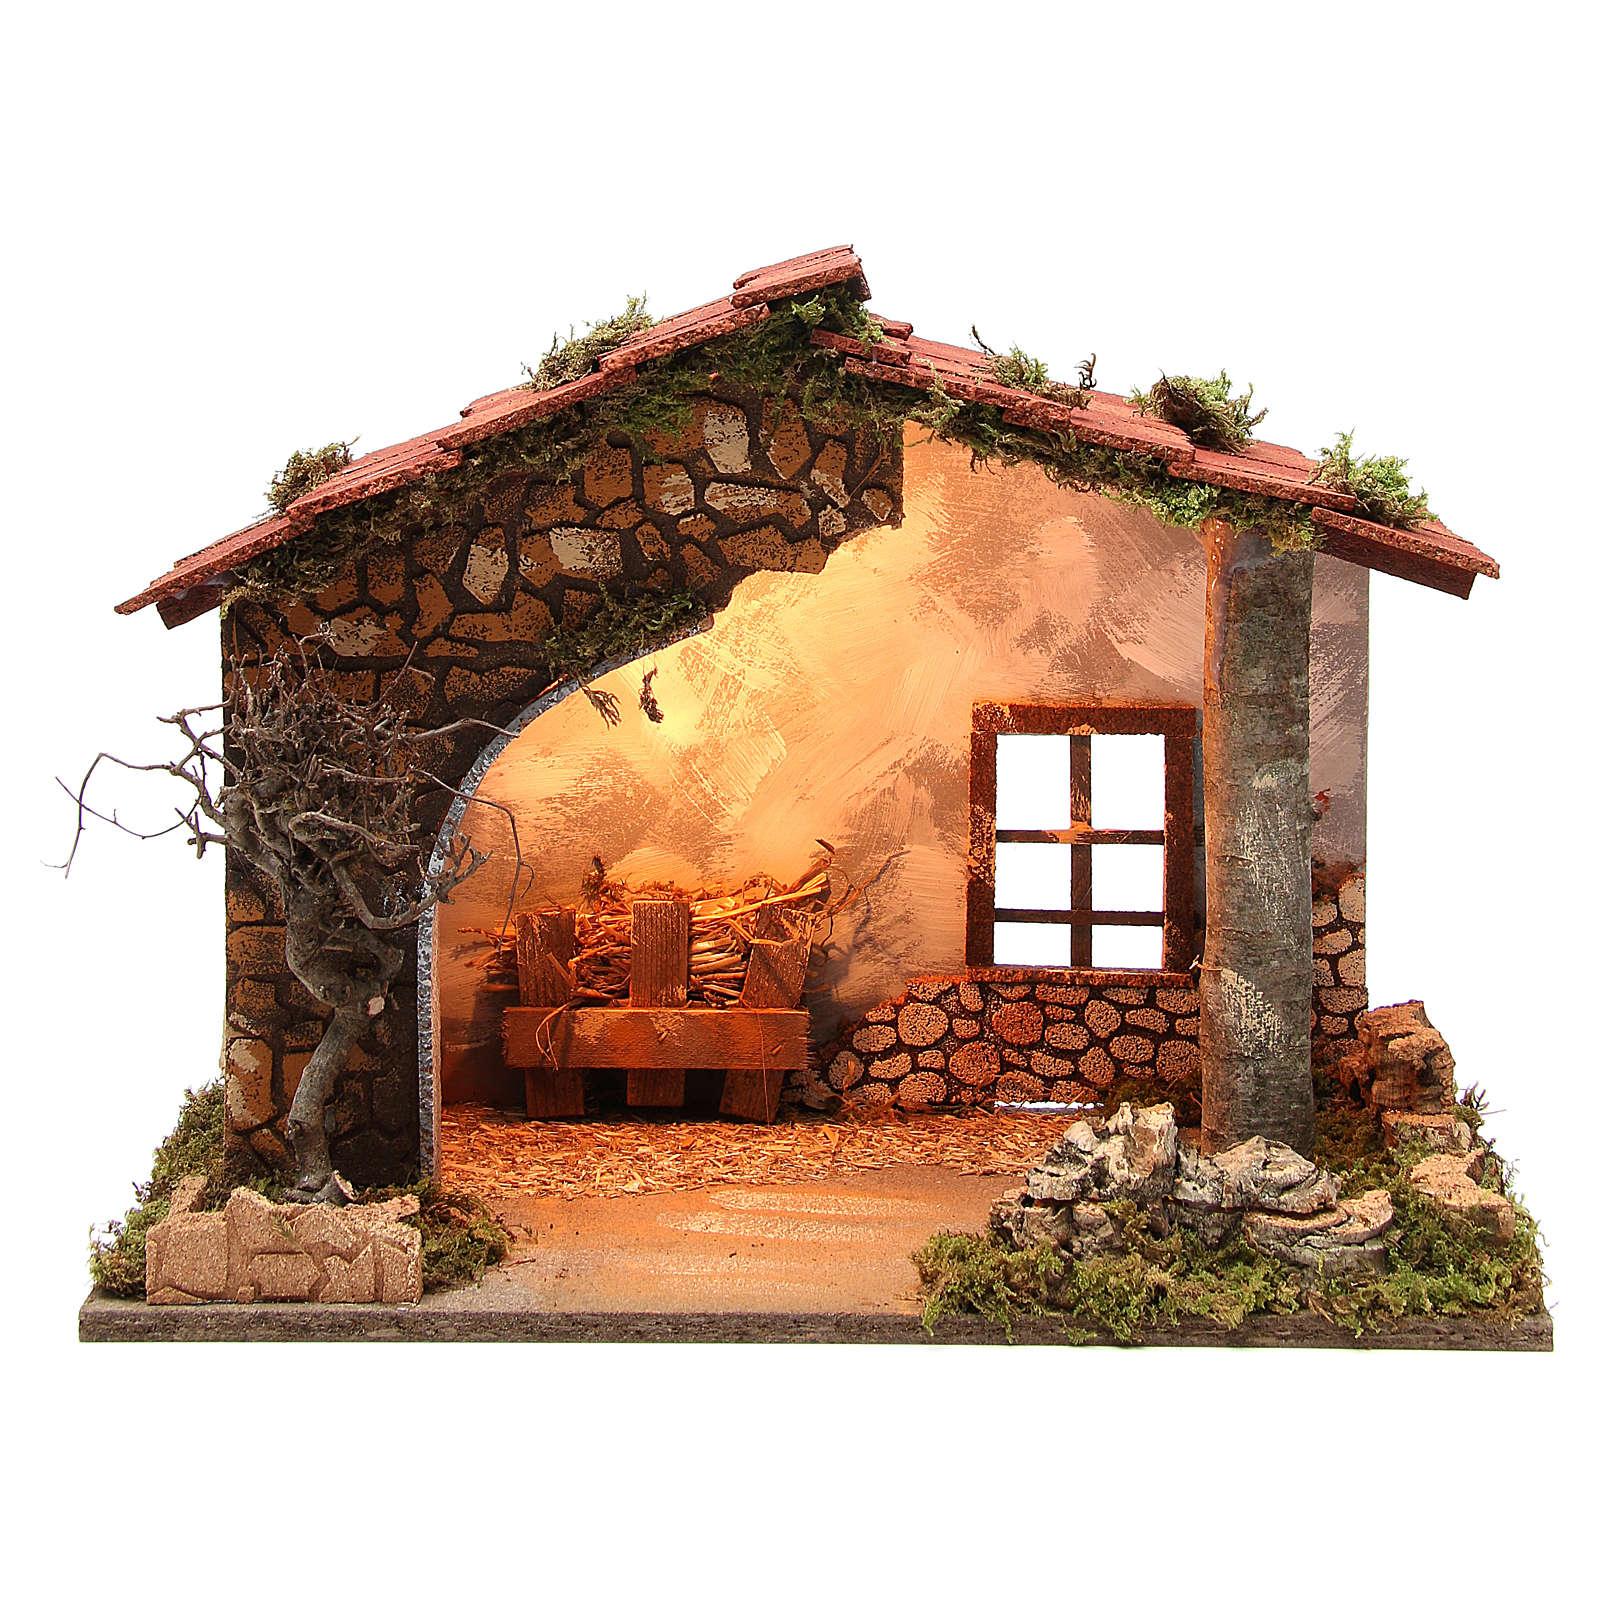 Cabane crèche rustique illuminée 35x50x26 cm 4